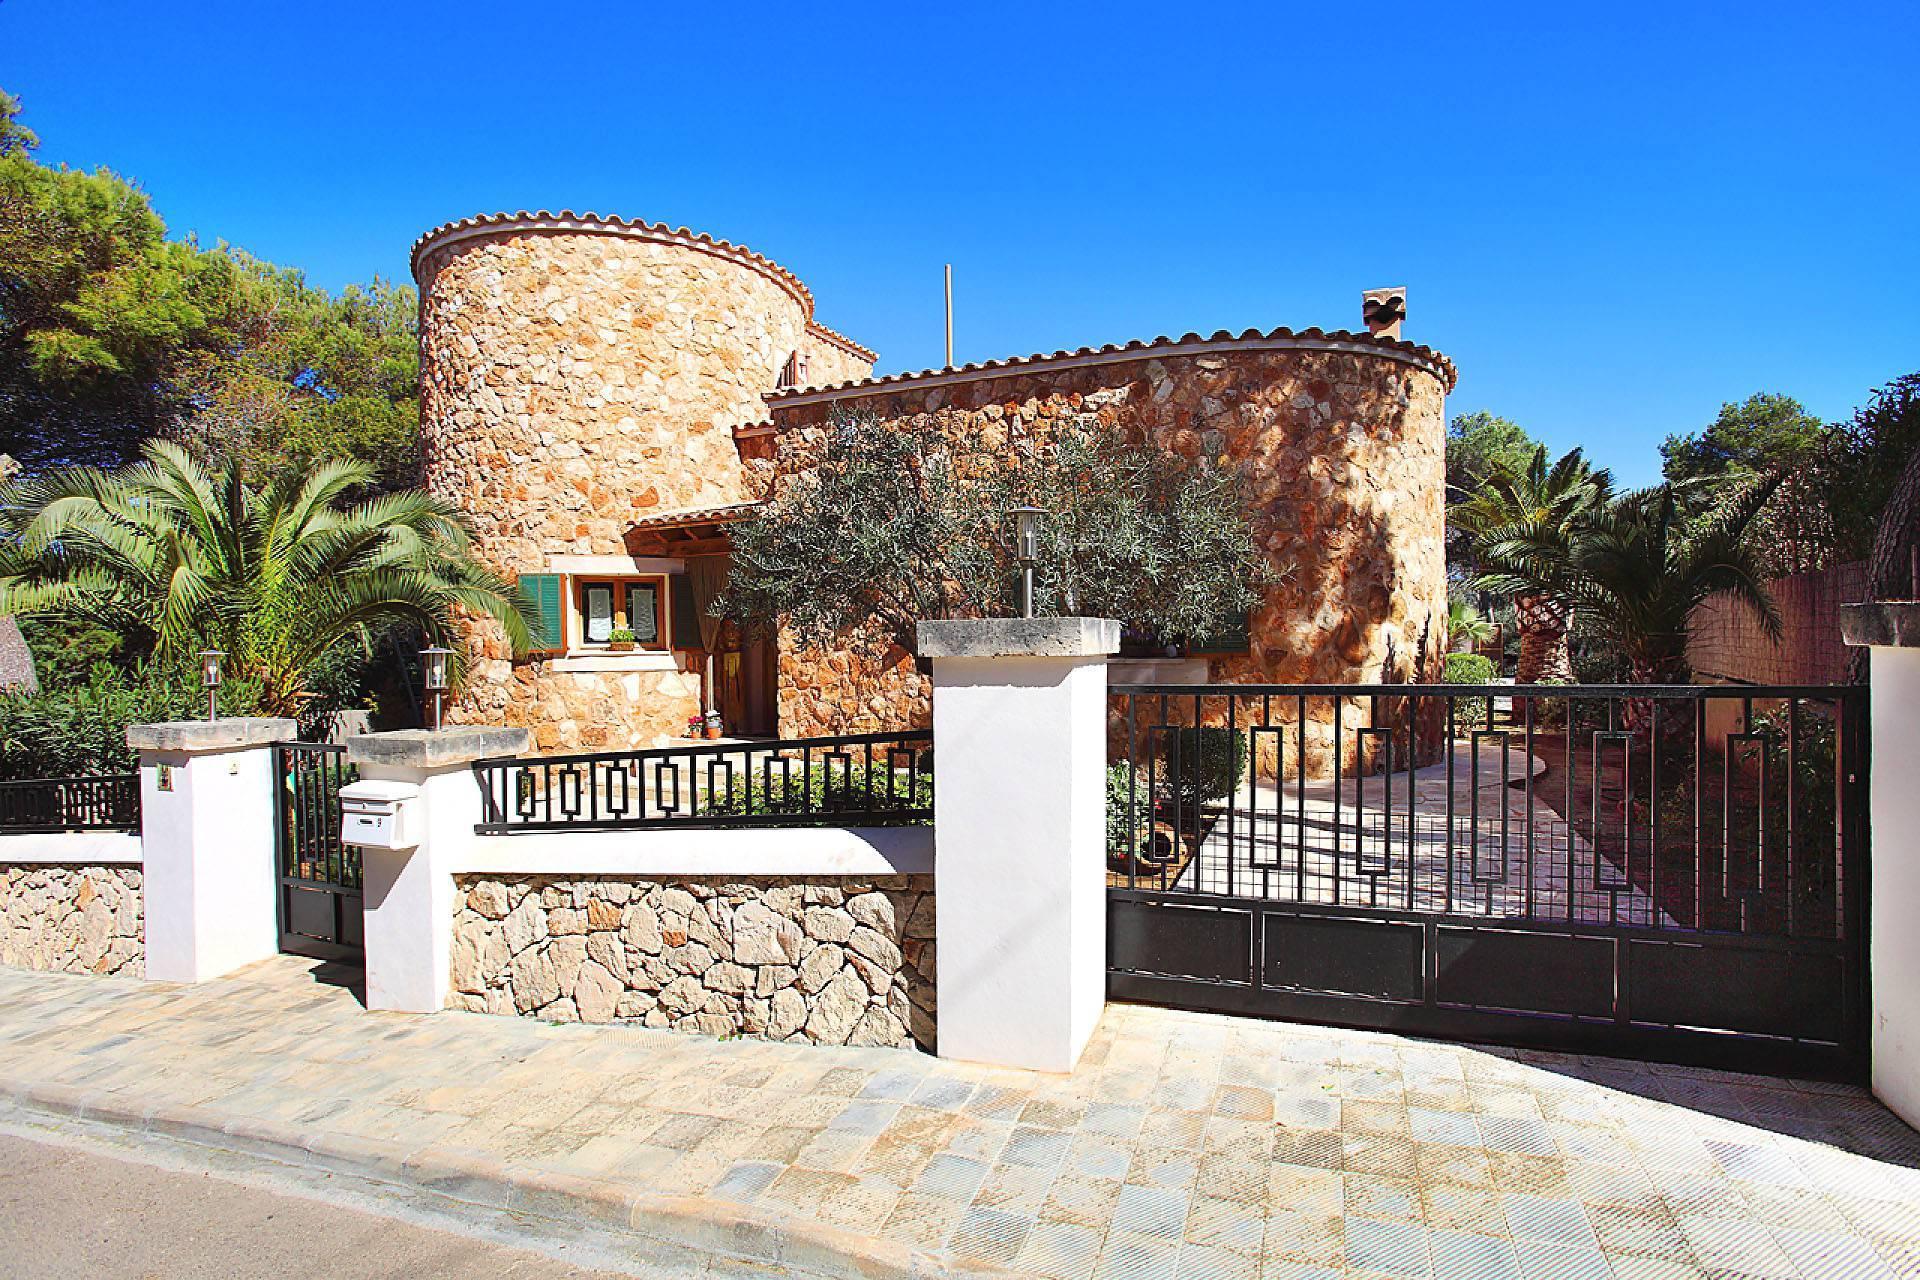 01-174 Gemütliches Ferienhaus Mallorca Süden Bild 5